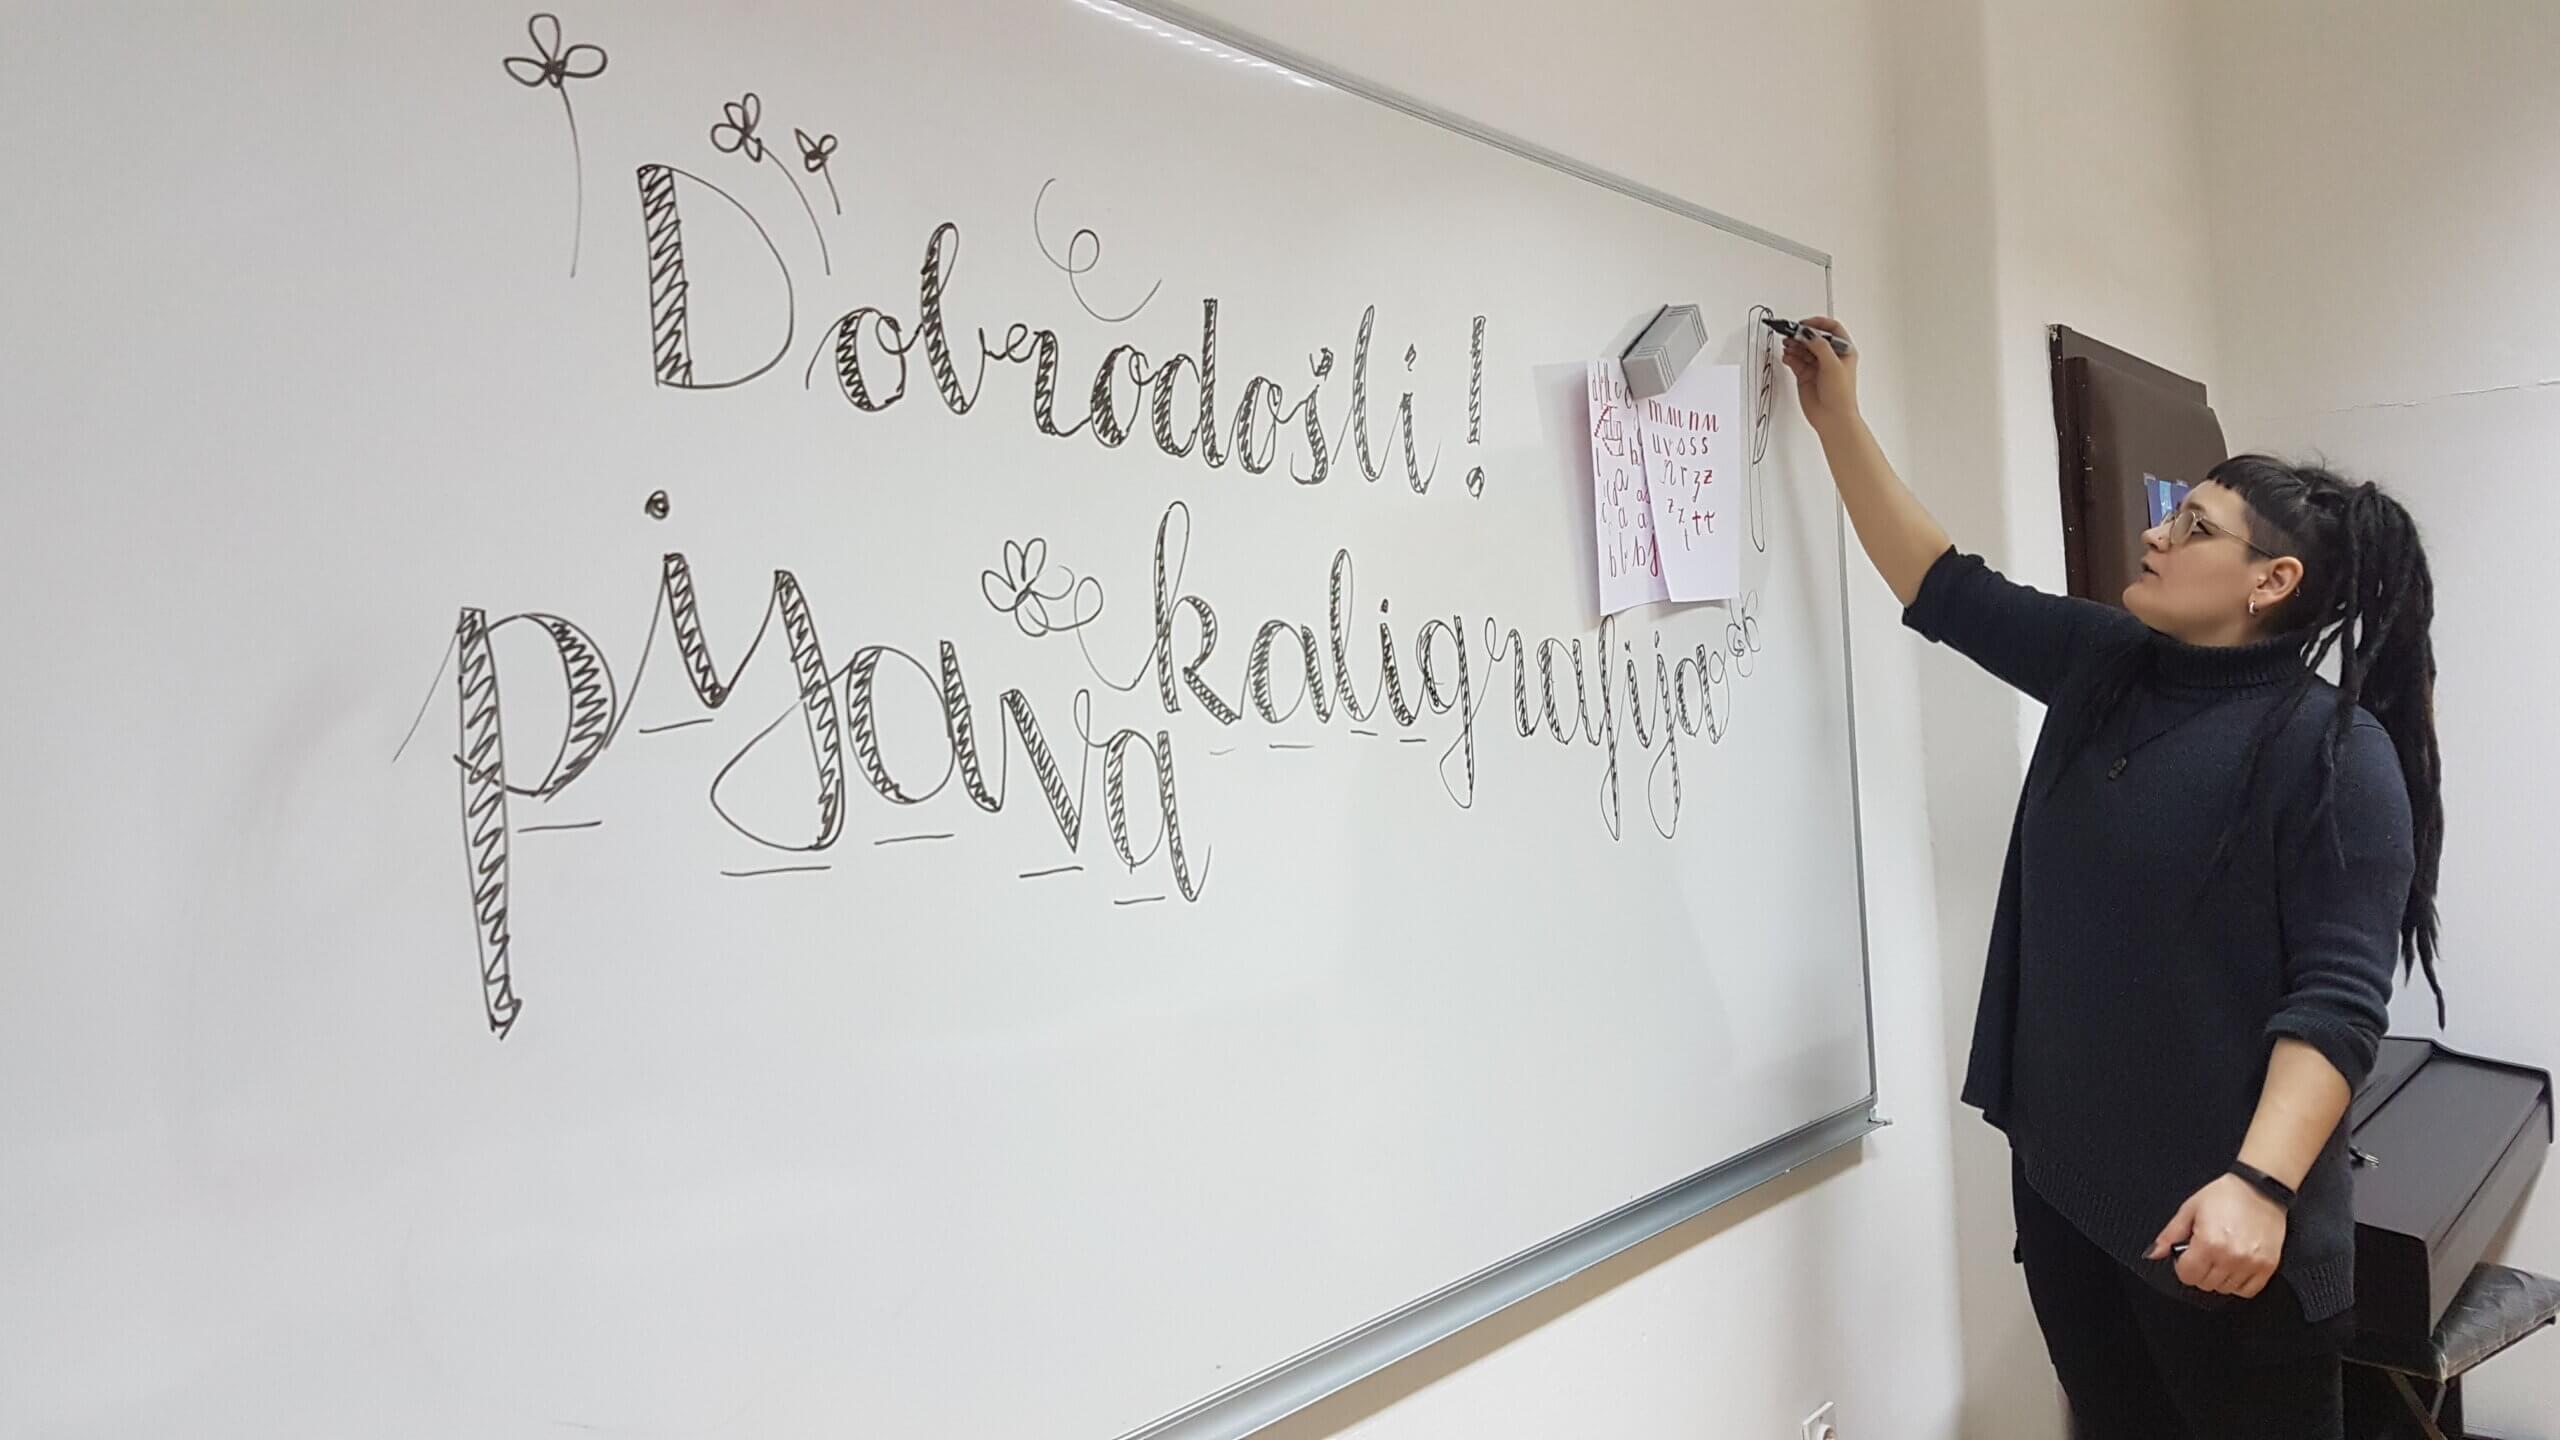 Delavnica kaligrafije (24. 9. 2020)